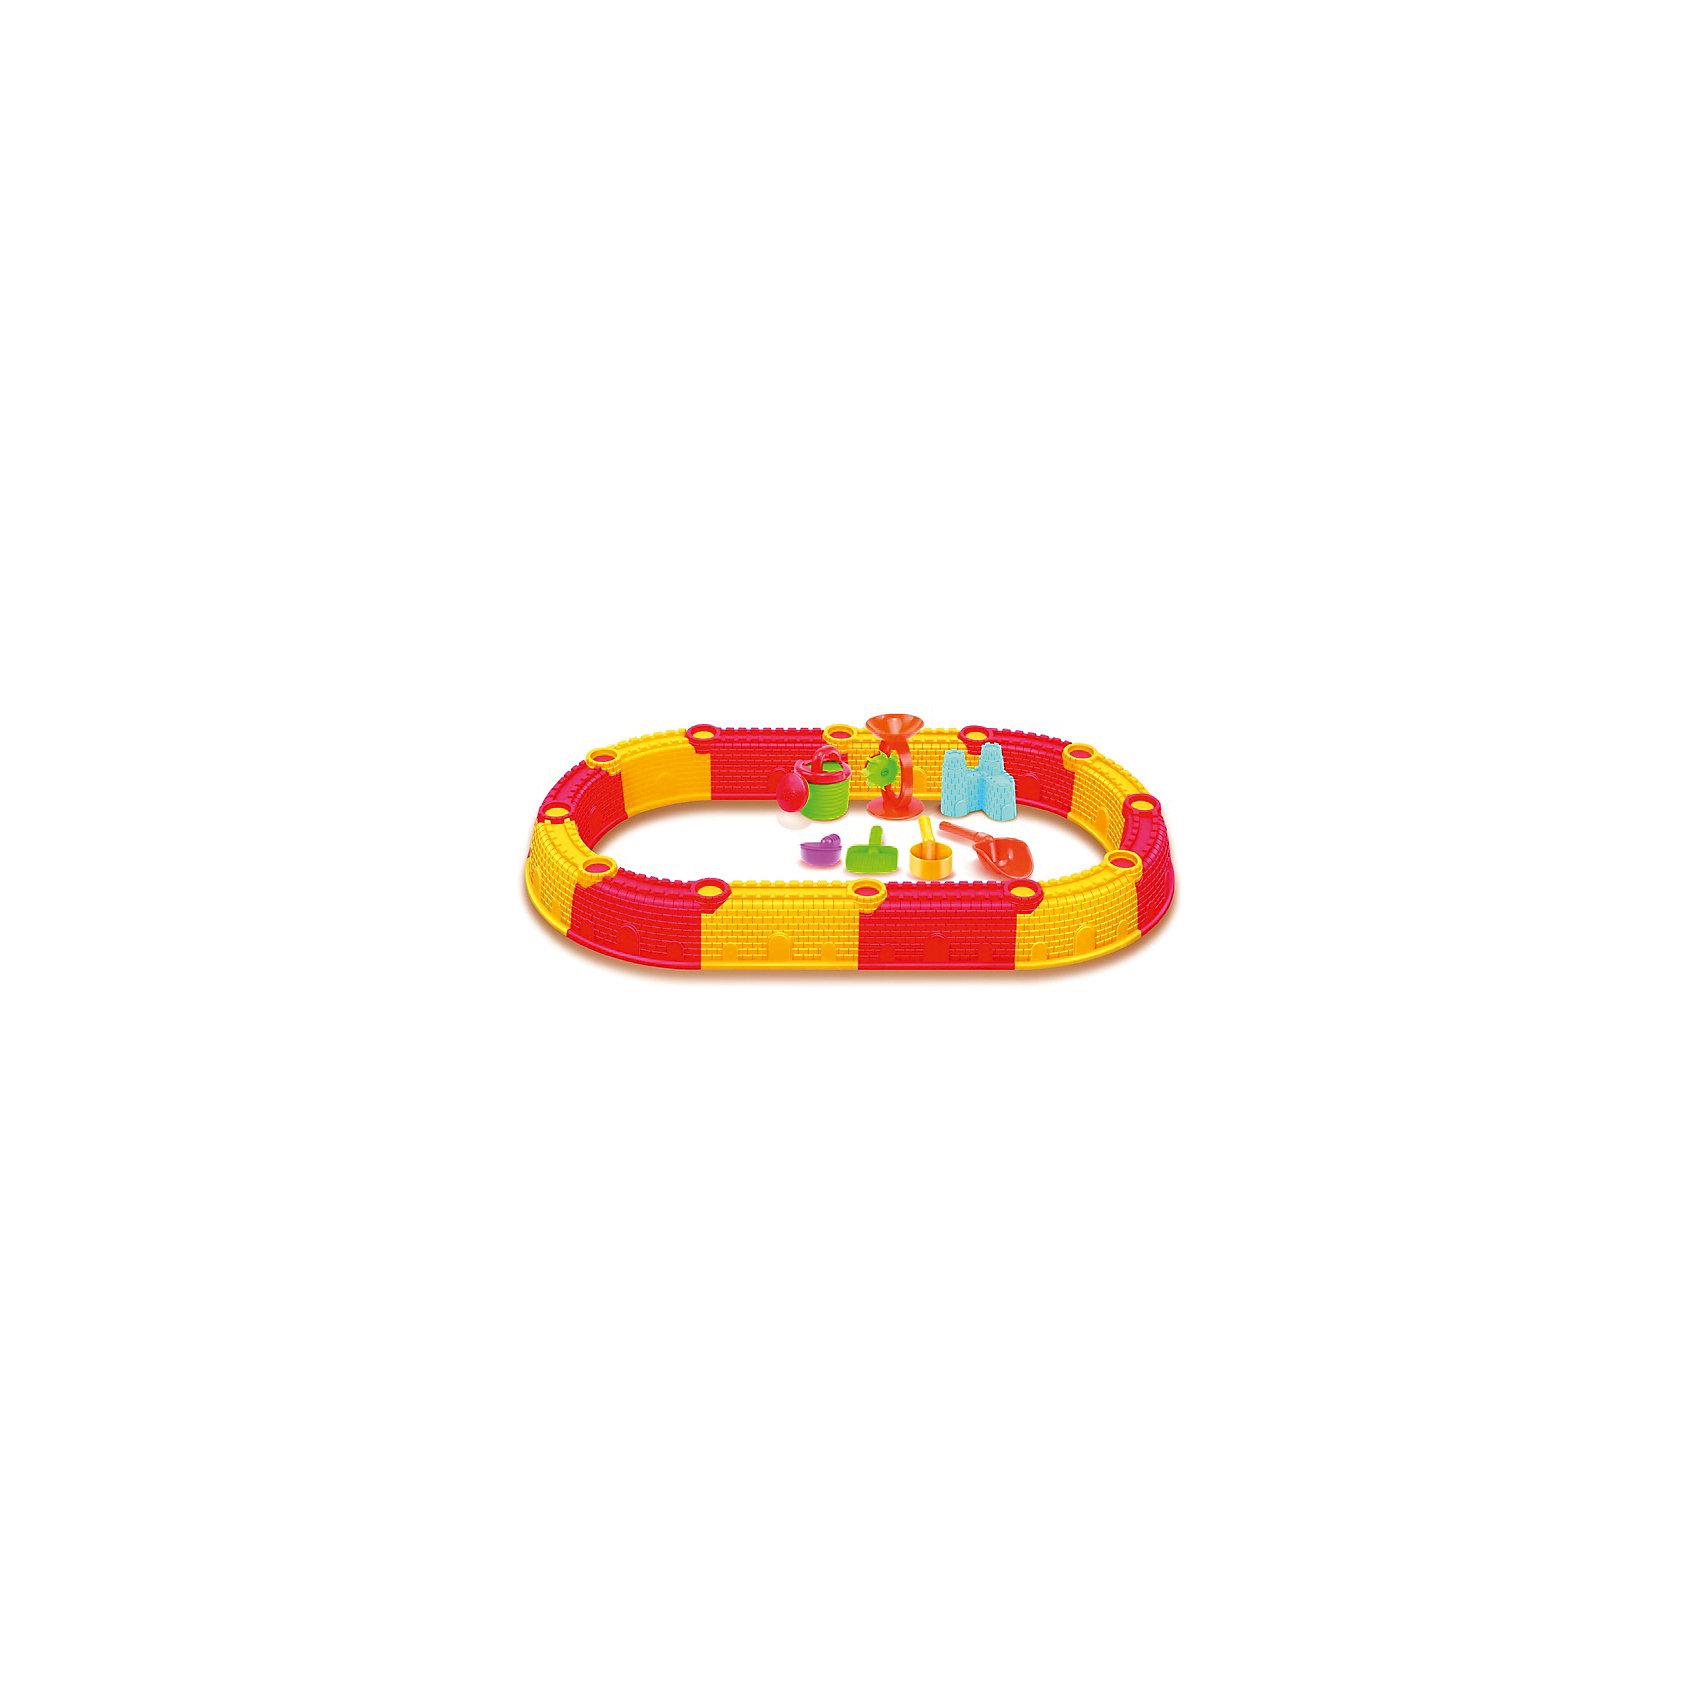 - Сборная песочница (овальная), с набором для песка,  Hualian Toys play toys сборная снего песочная лопатка 70 см